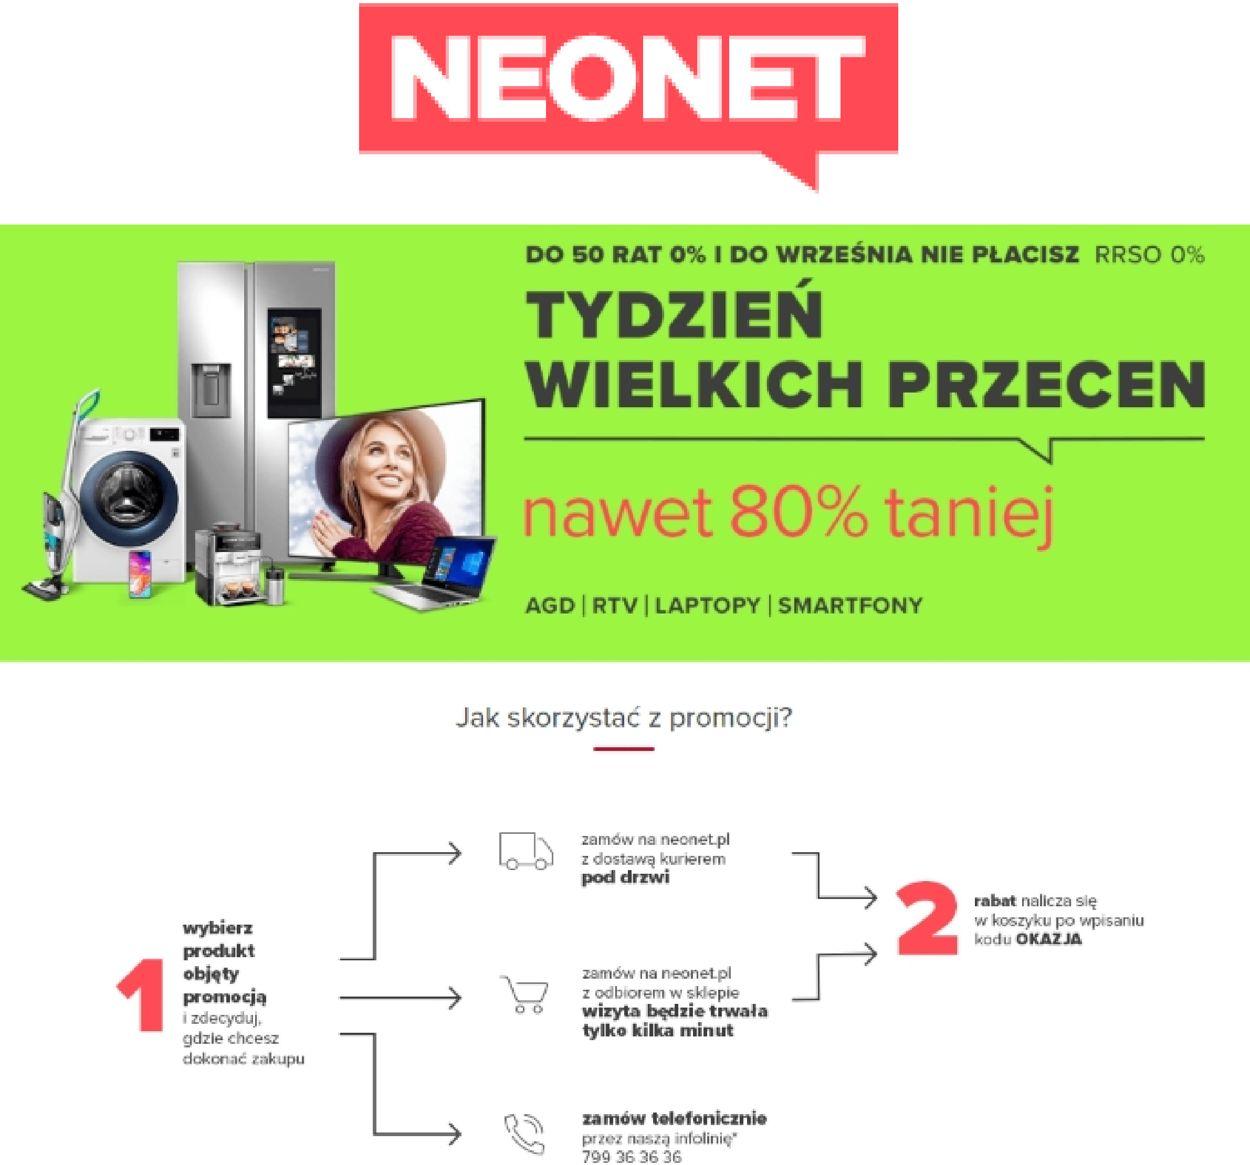 Gazetka promocyjna Neonet - 15.02-21.02.2021